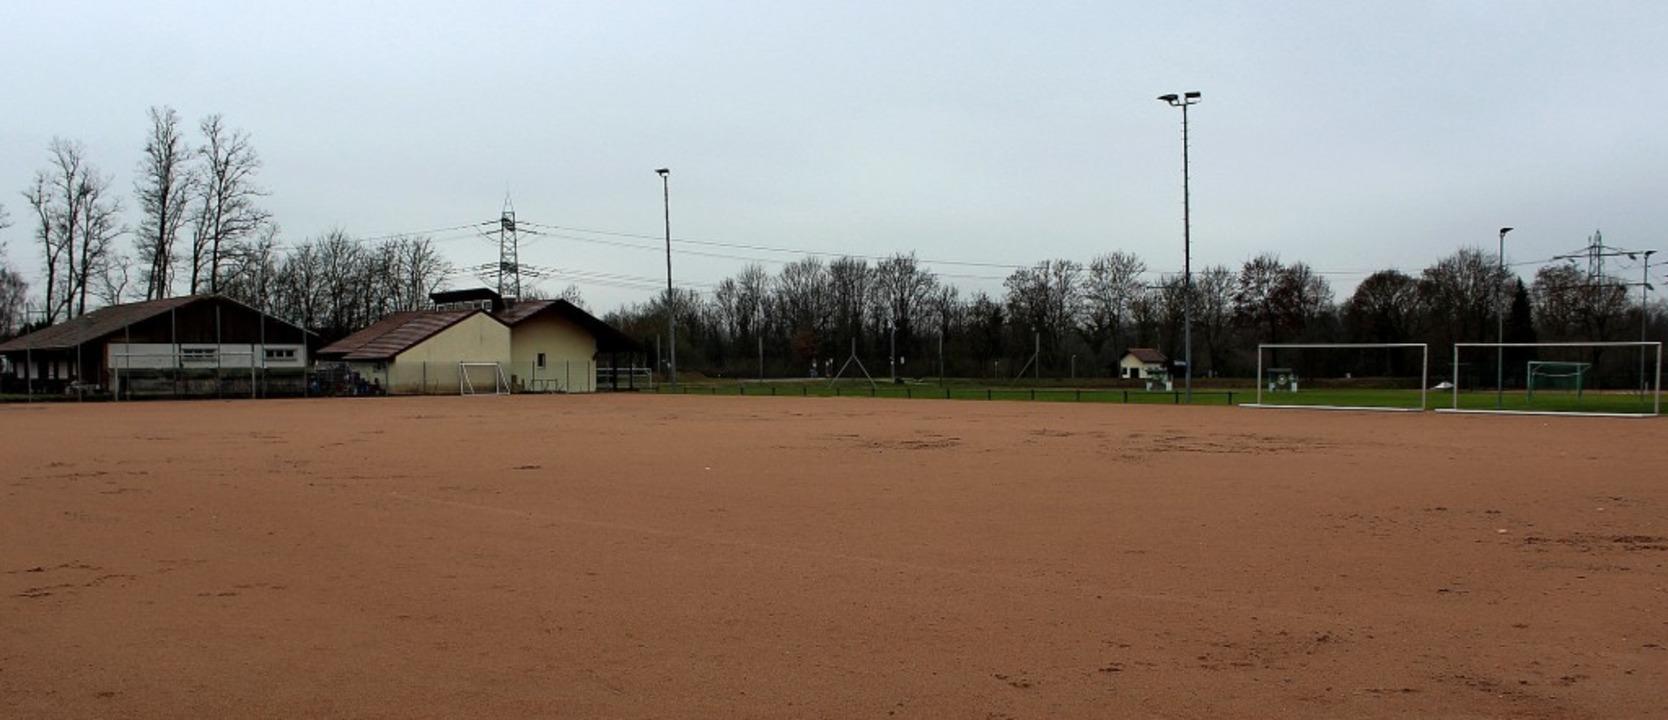 Der Hartplatz hat bald ausgedient &#82...d durch einen Kunstrasenplatz ersetzt.    Foto: Reinhard Cremer